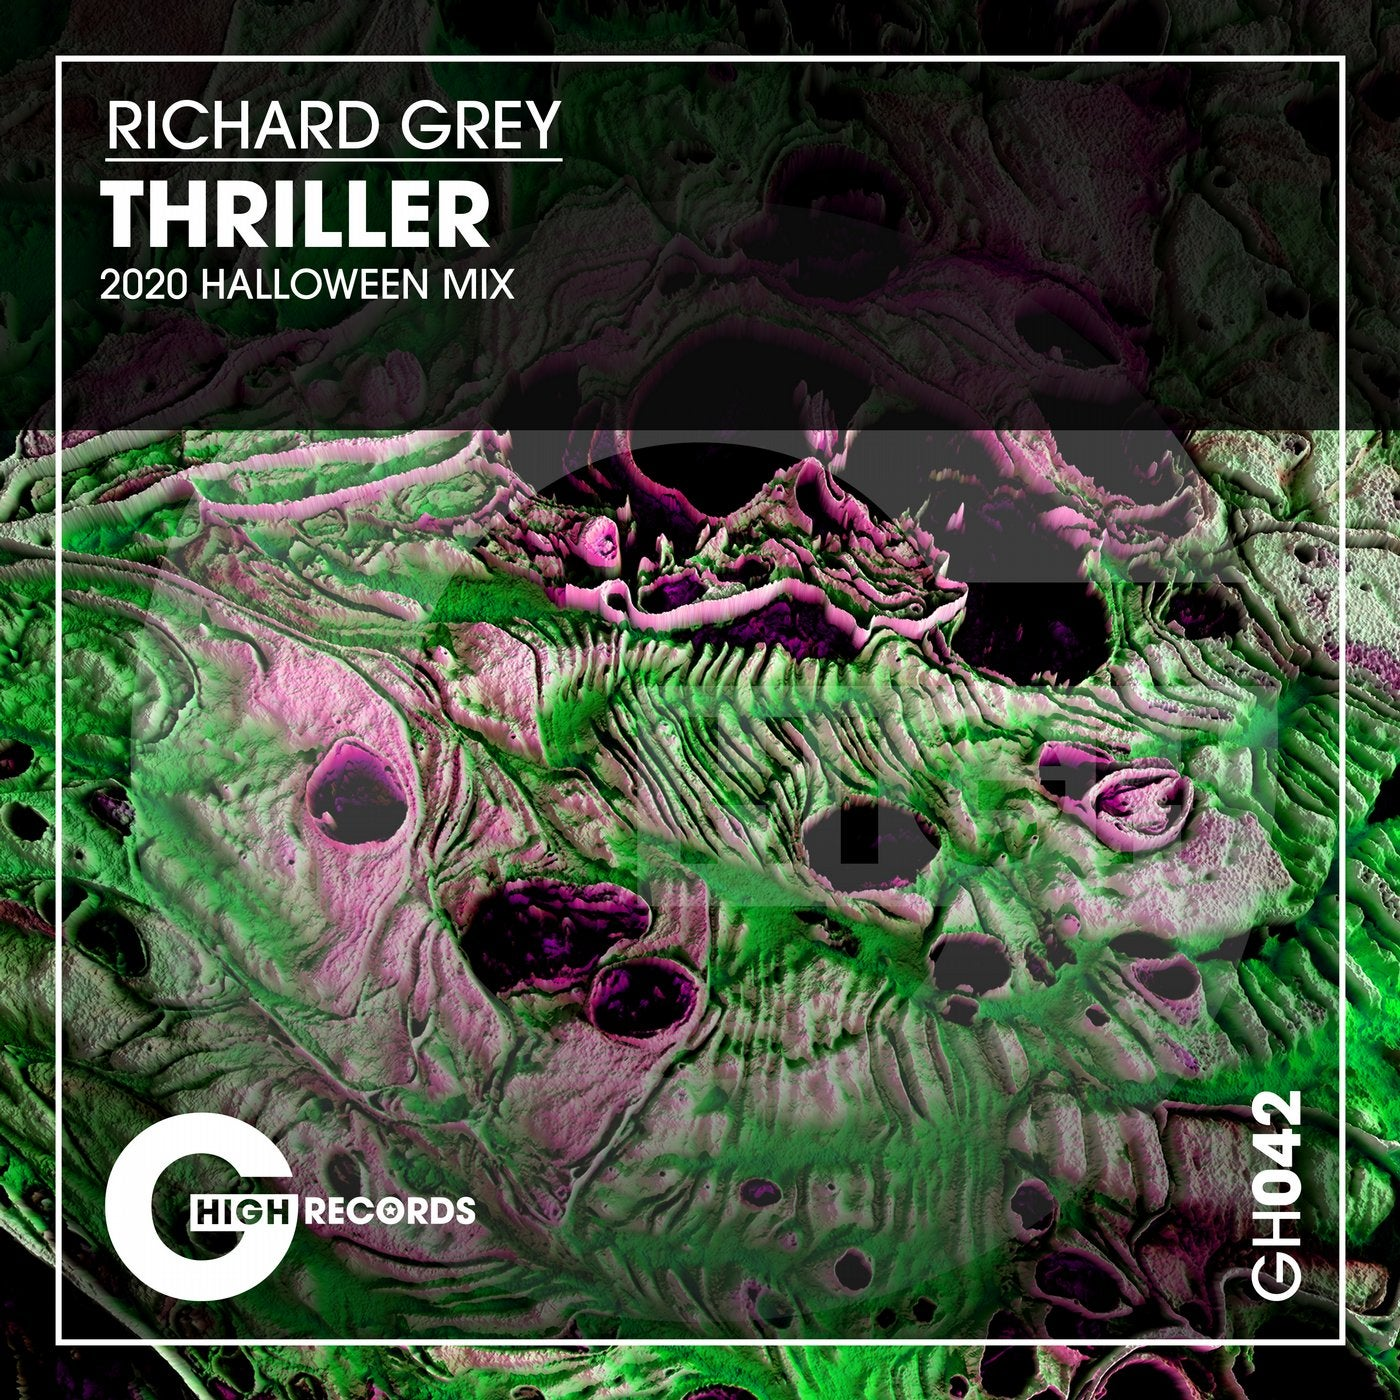 Thriller (2020 Halloween Mix)